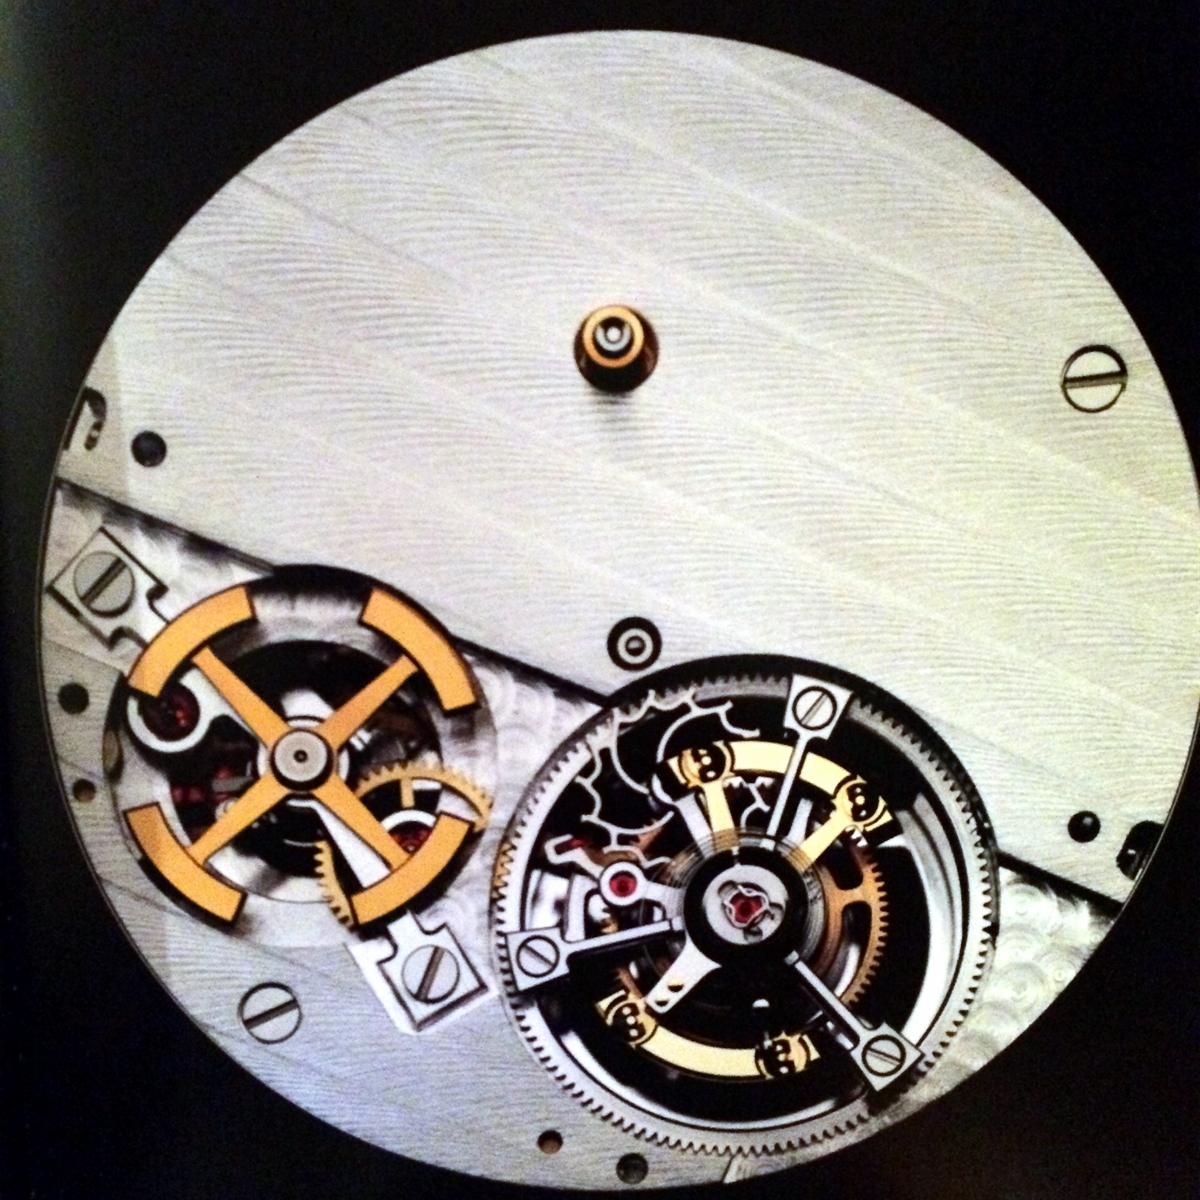 11 luxurious_watch_design_clockworks_construction_luksusowe_zegarki_mechanizm_projektowanie_lifestyle